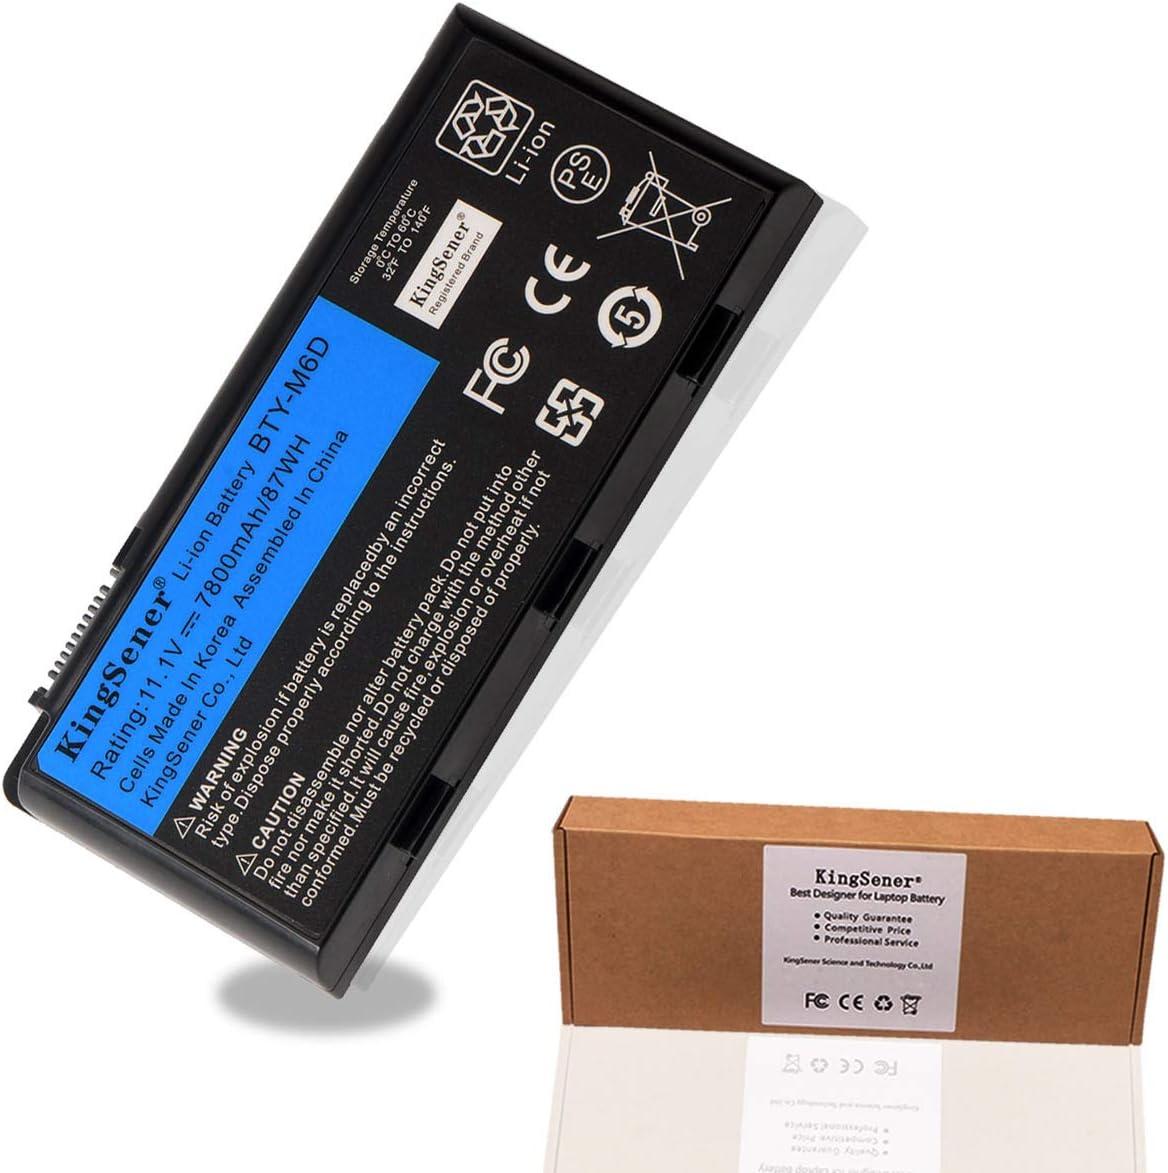 Kingsener BTY-M6D Laptop Battery for MSI GT60 GT70 GX780R GX680 GX780 GT780R GT660R GT663R GX660 GT680R GT783R 9CELLS